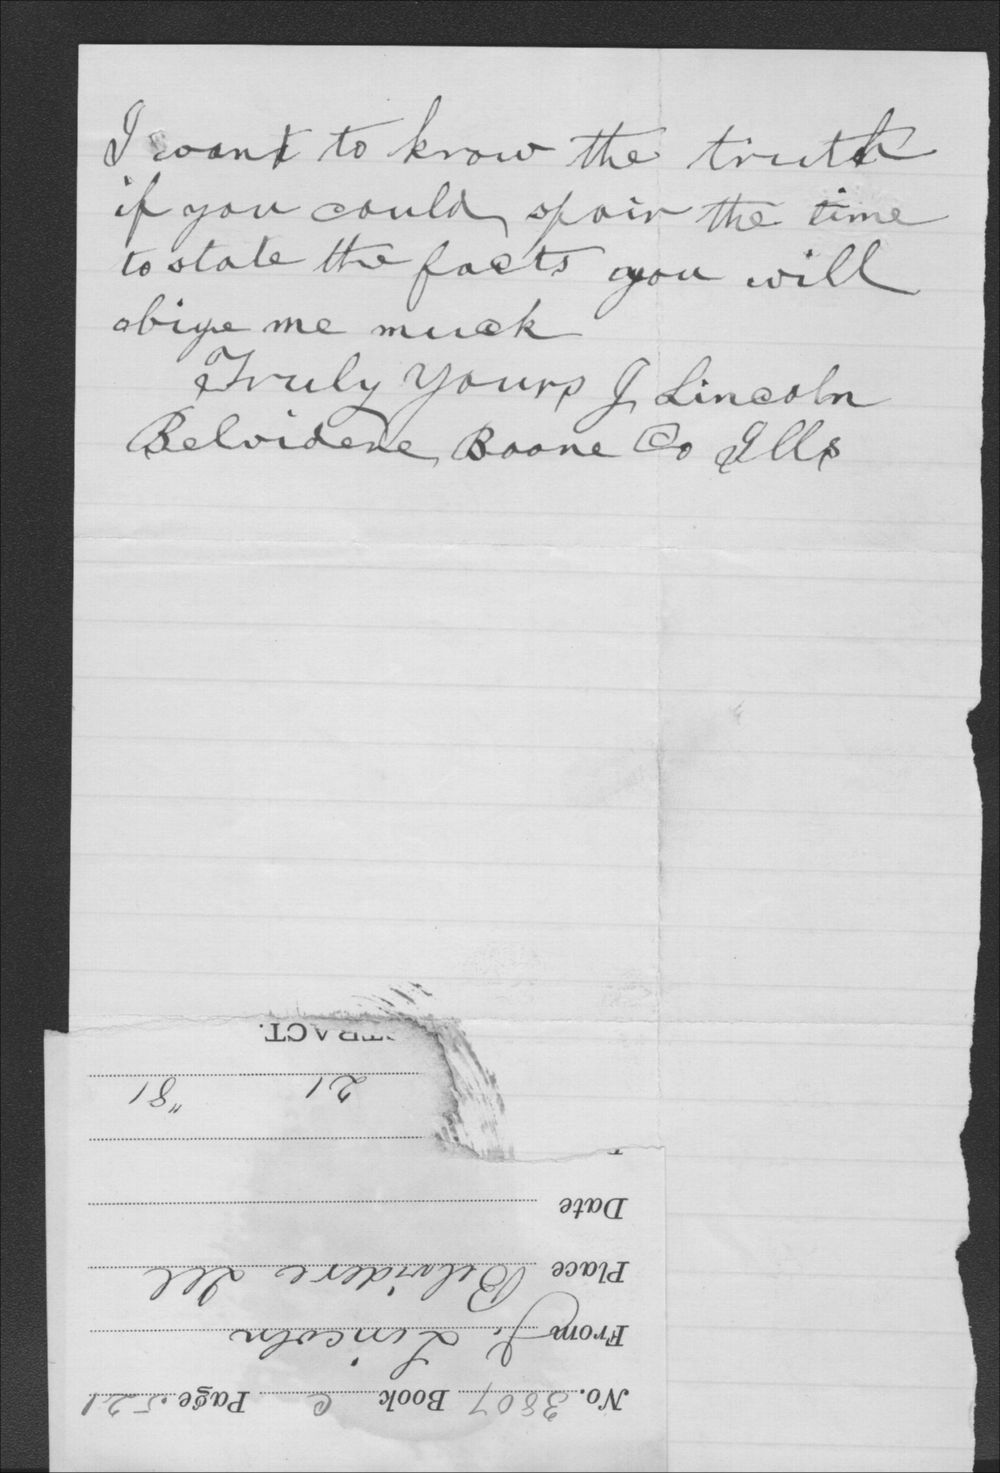 J. Lincoln to John P. St. John - 2